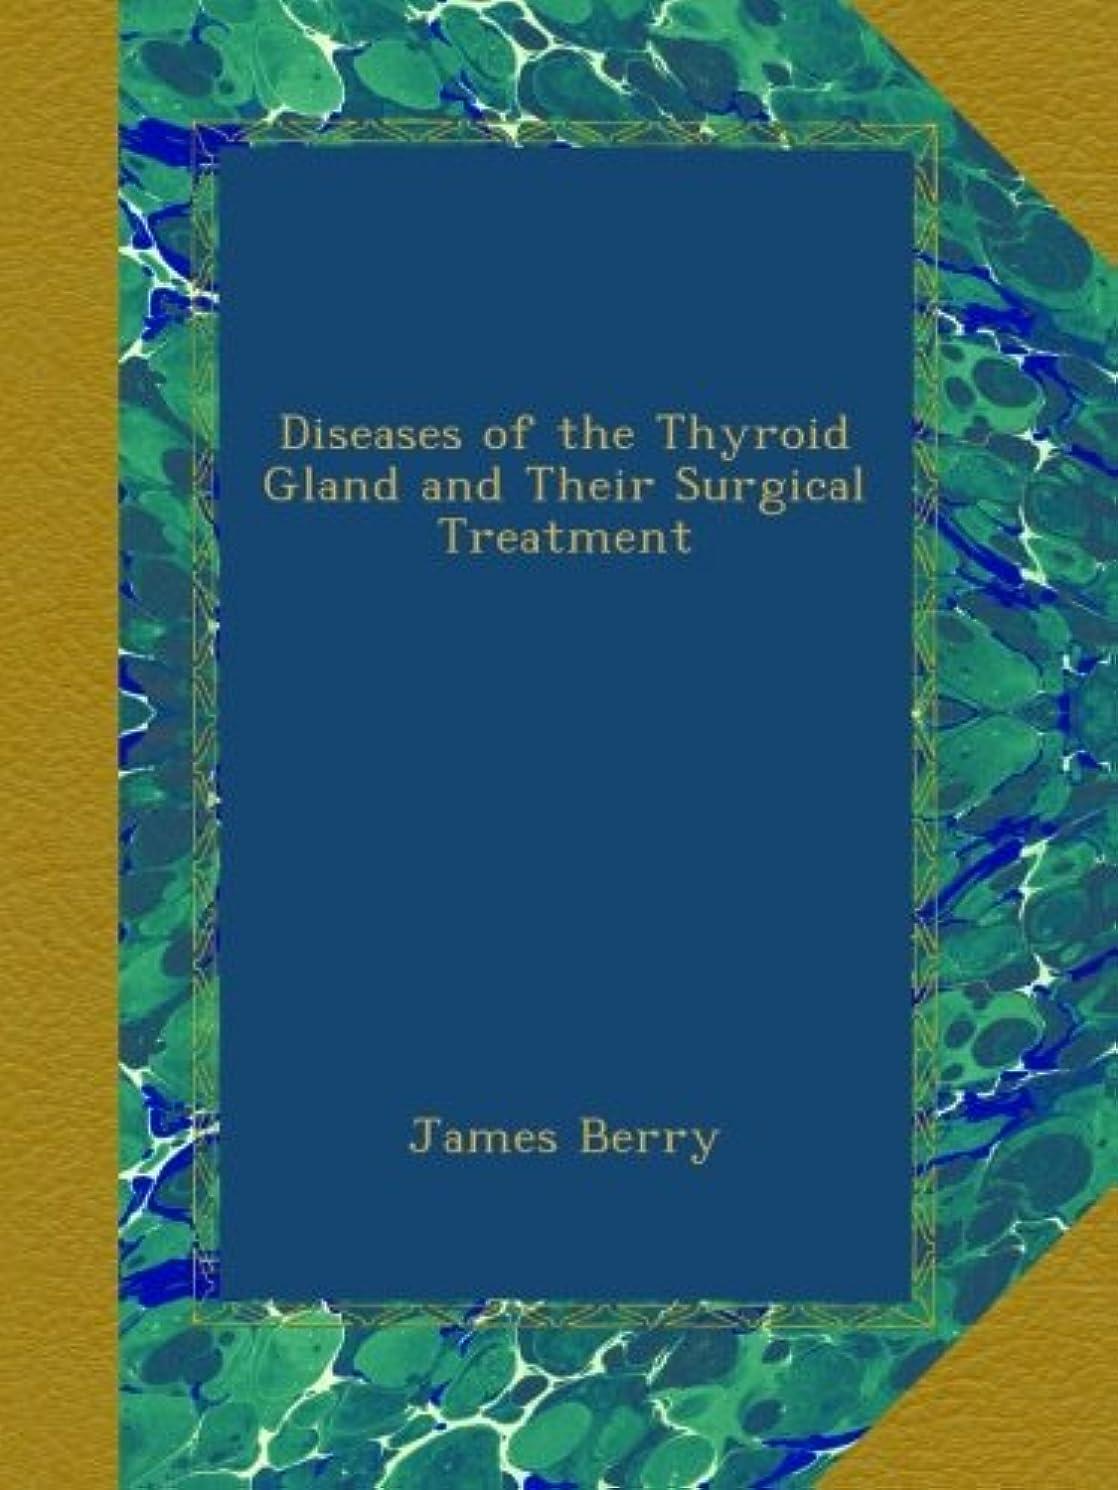 キャラクター株式会社常にDiseases of the Thyroid Gland and Their Surgical Treatment